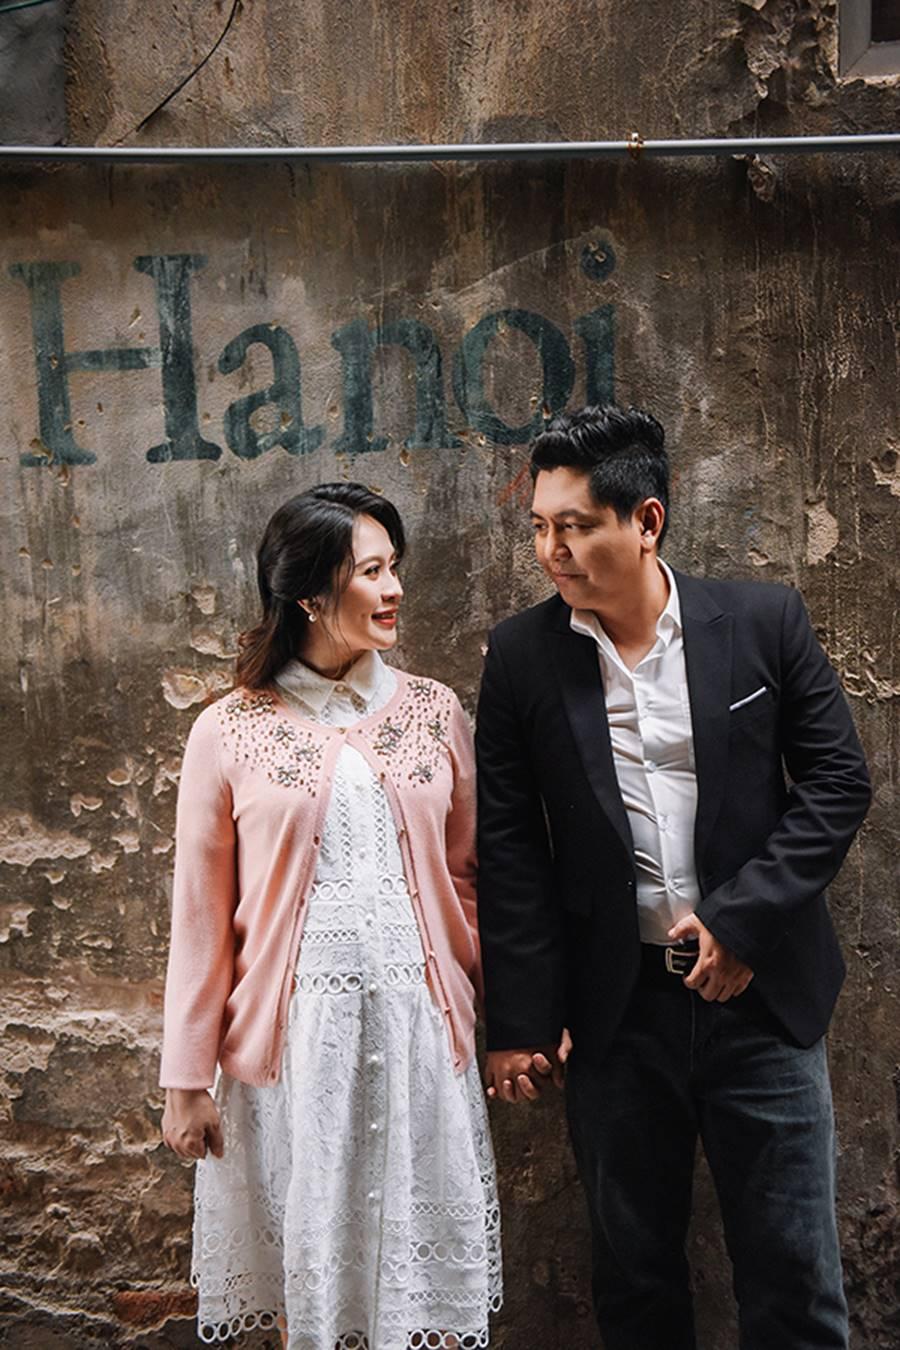 """Bà bầu"""" Thanh Thúy đẹp rạng ngời cùng chồng dạo phố Hà Nội-9"""